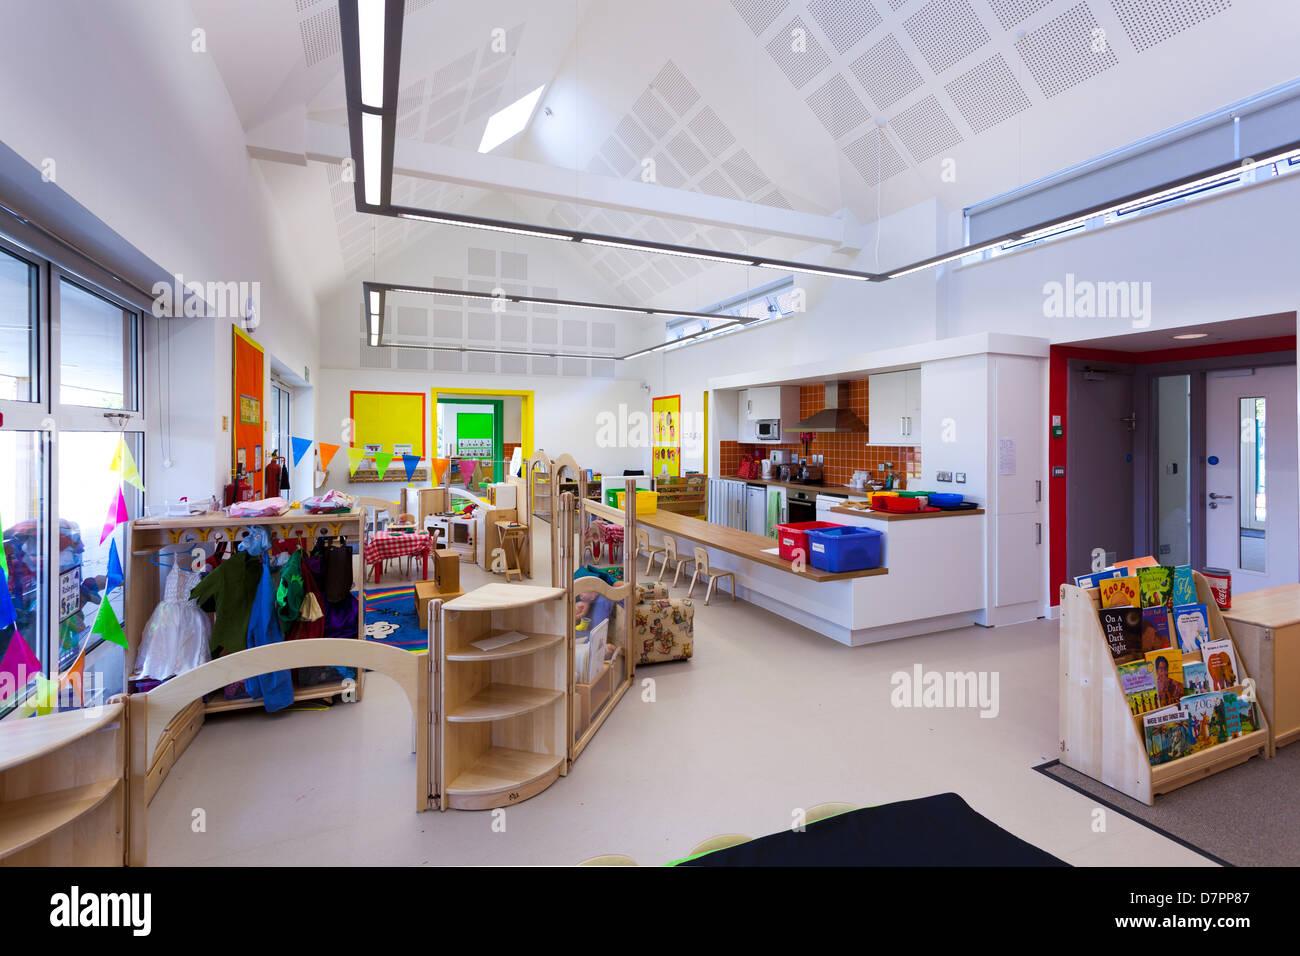 L'école maternelle classe inoccupées Whitley Park Nursery School Reading Banque D'Images